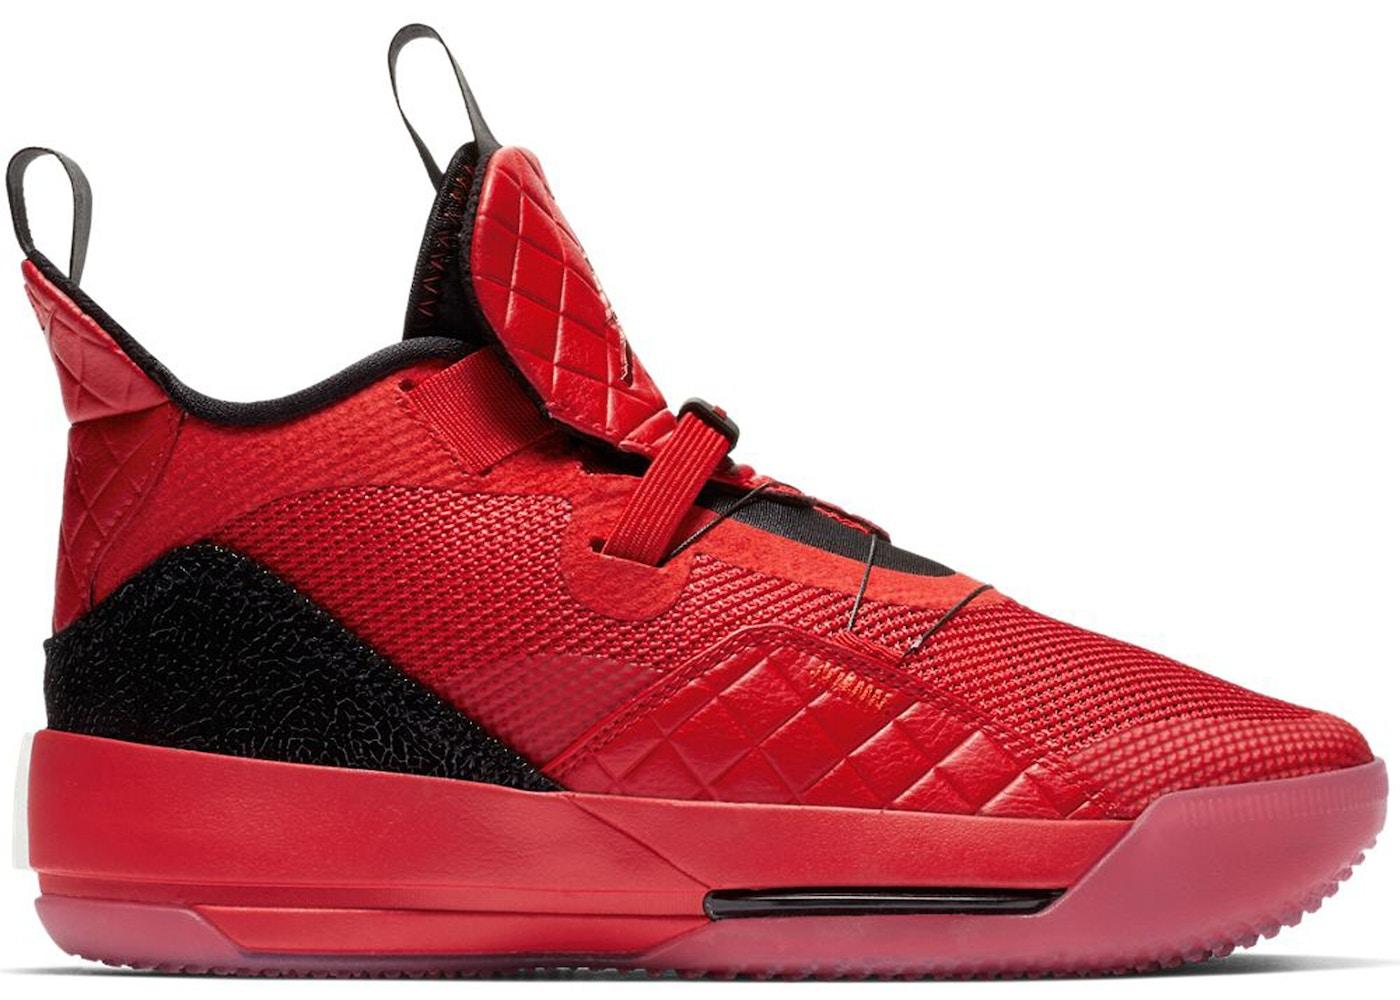 b6e2ce0832677c Buy Air Jordan 33 Shoes   Deadstock Sneakers